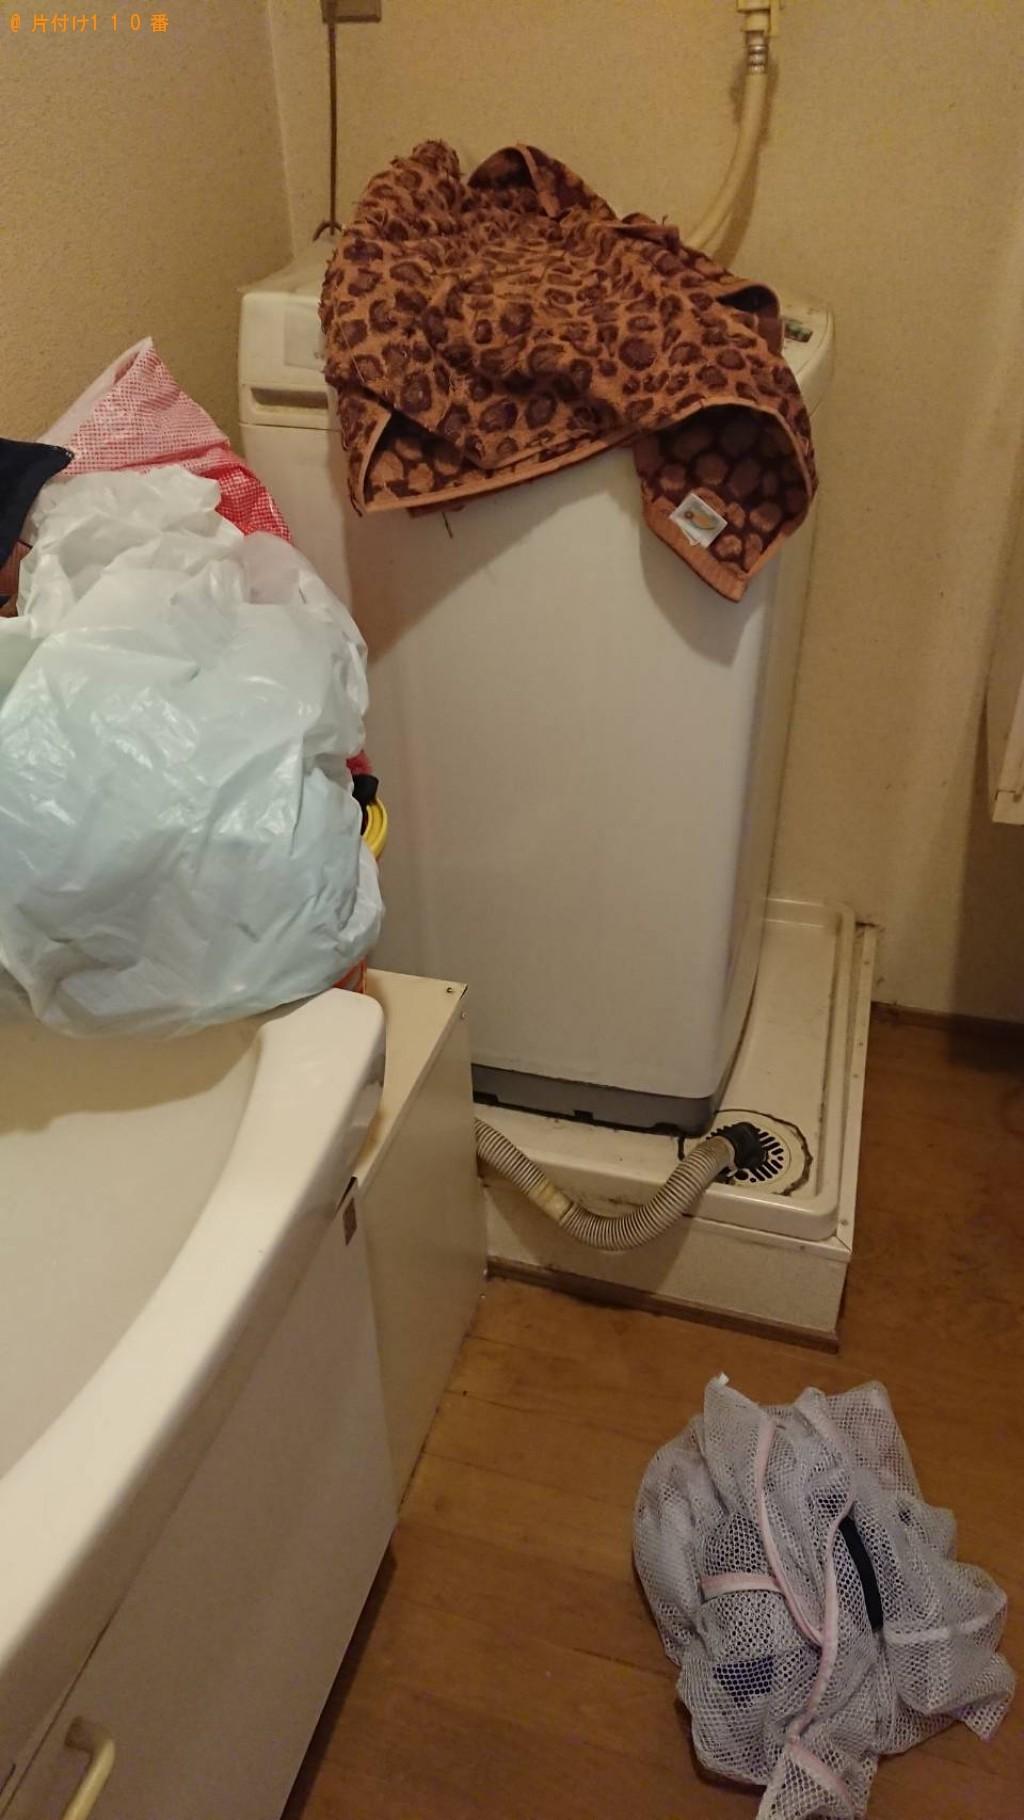 【栗東市】洗濯機、カラーボックス、扇風機等の回収・処分と草刈り